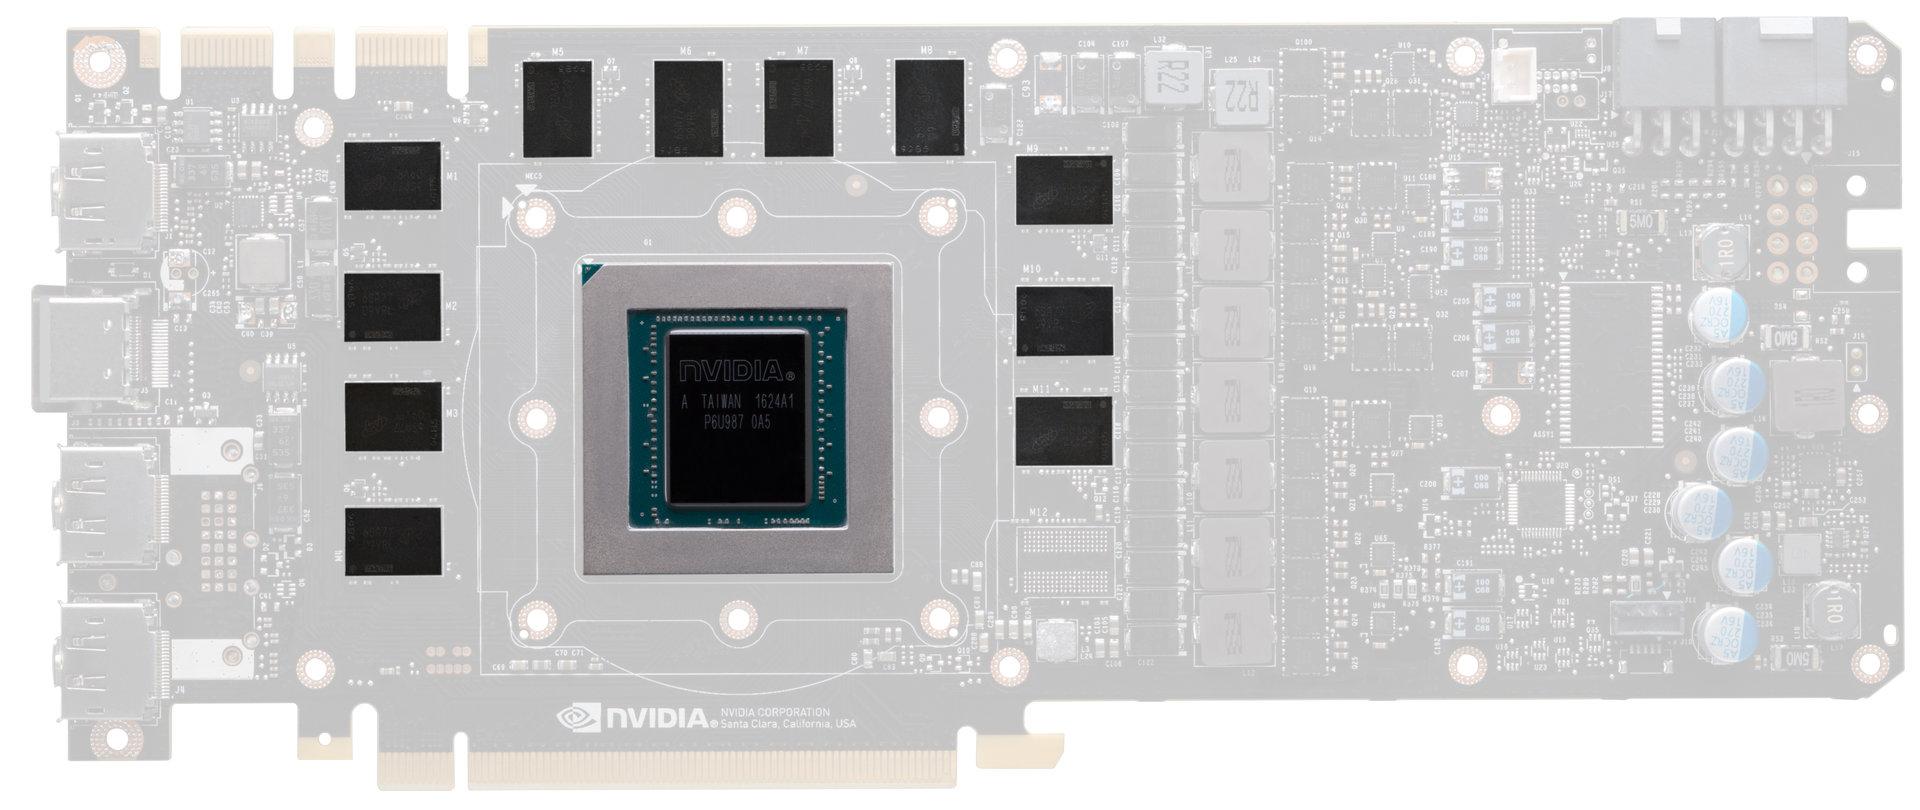 Der GDDR5X-Speicher der GeForce GTX 1080 Ti